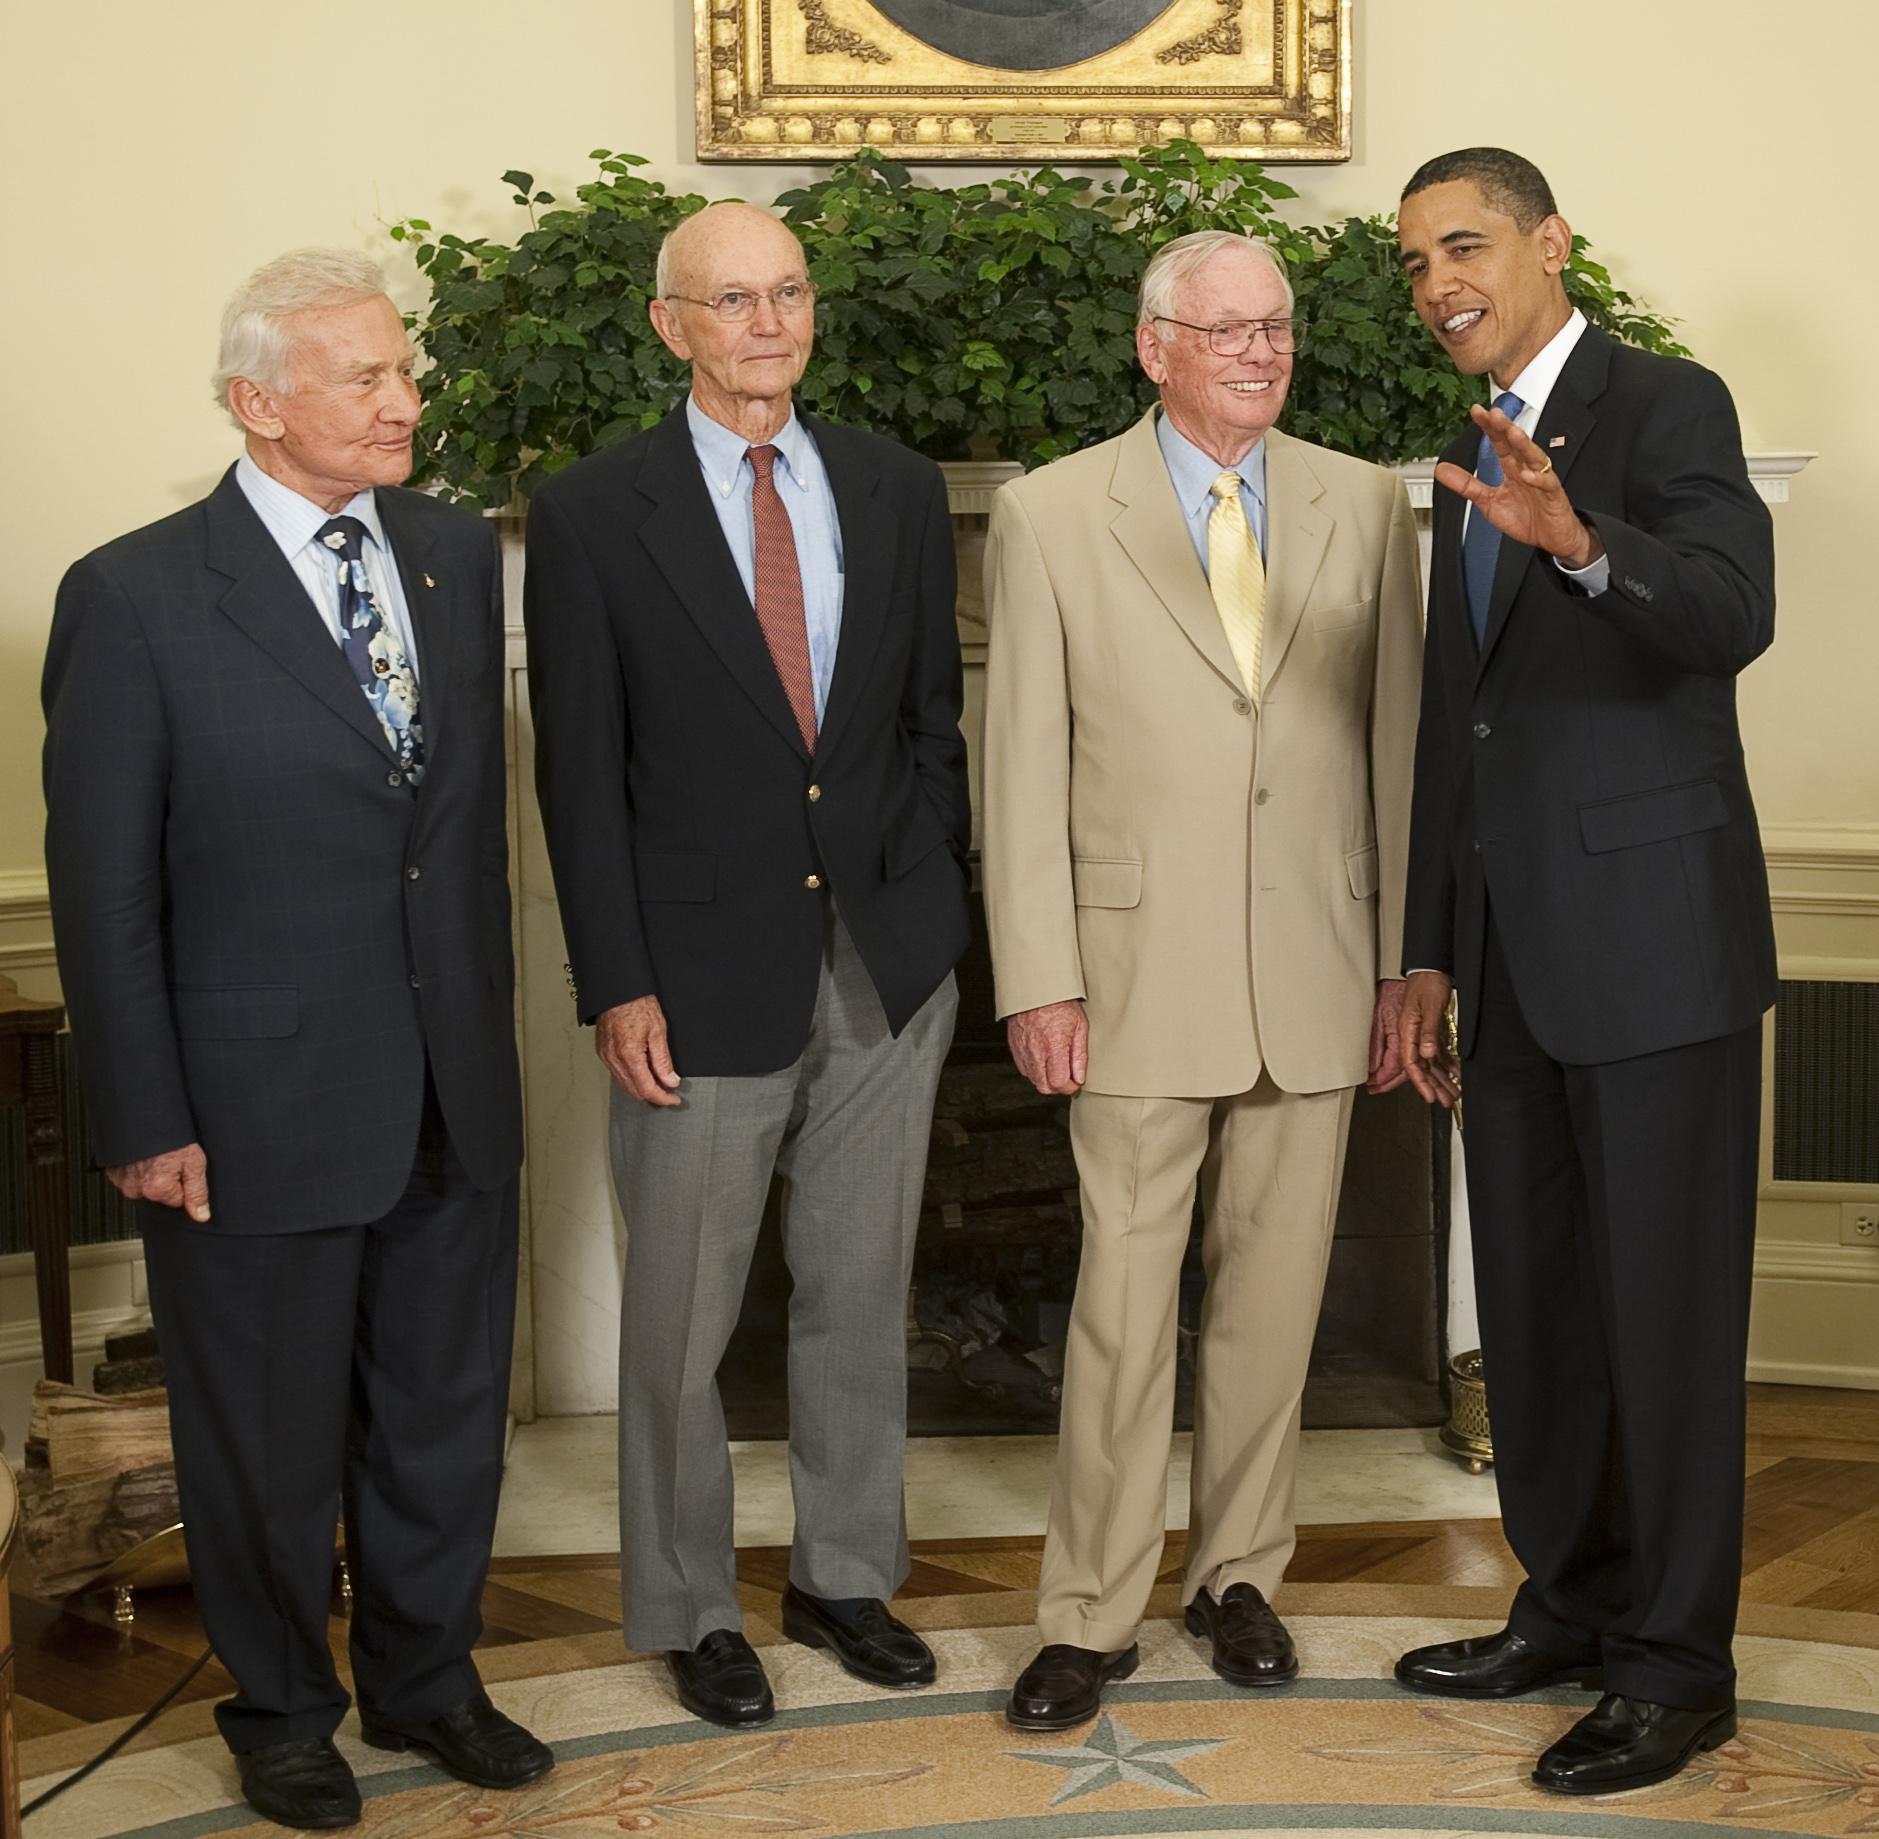 Нил Армстронг (справа возле президента Обамы) и его коллеги по полёту — Майкл Коллинз (в центре) и Базз Олдрин (слева) на приёме в овальном кабинете Белого дома по поводу 40-летия полёта на Луну